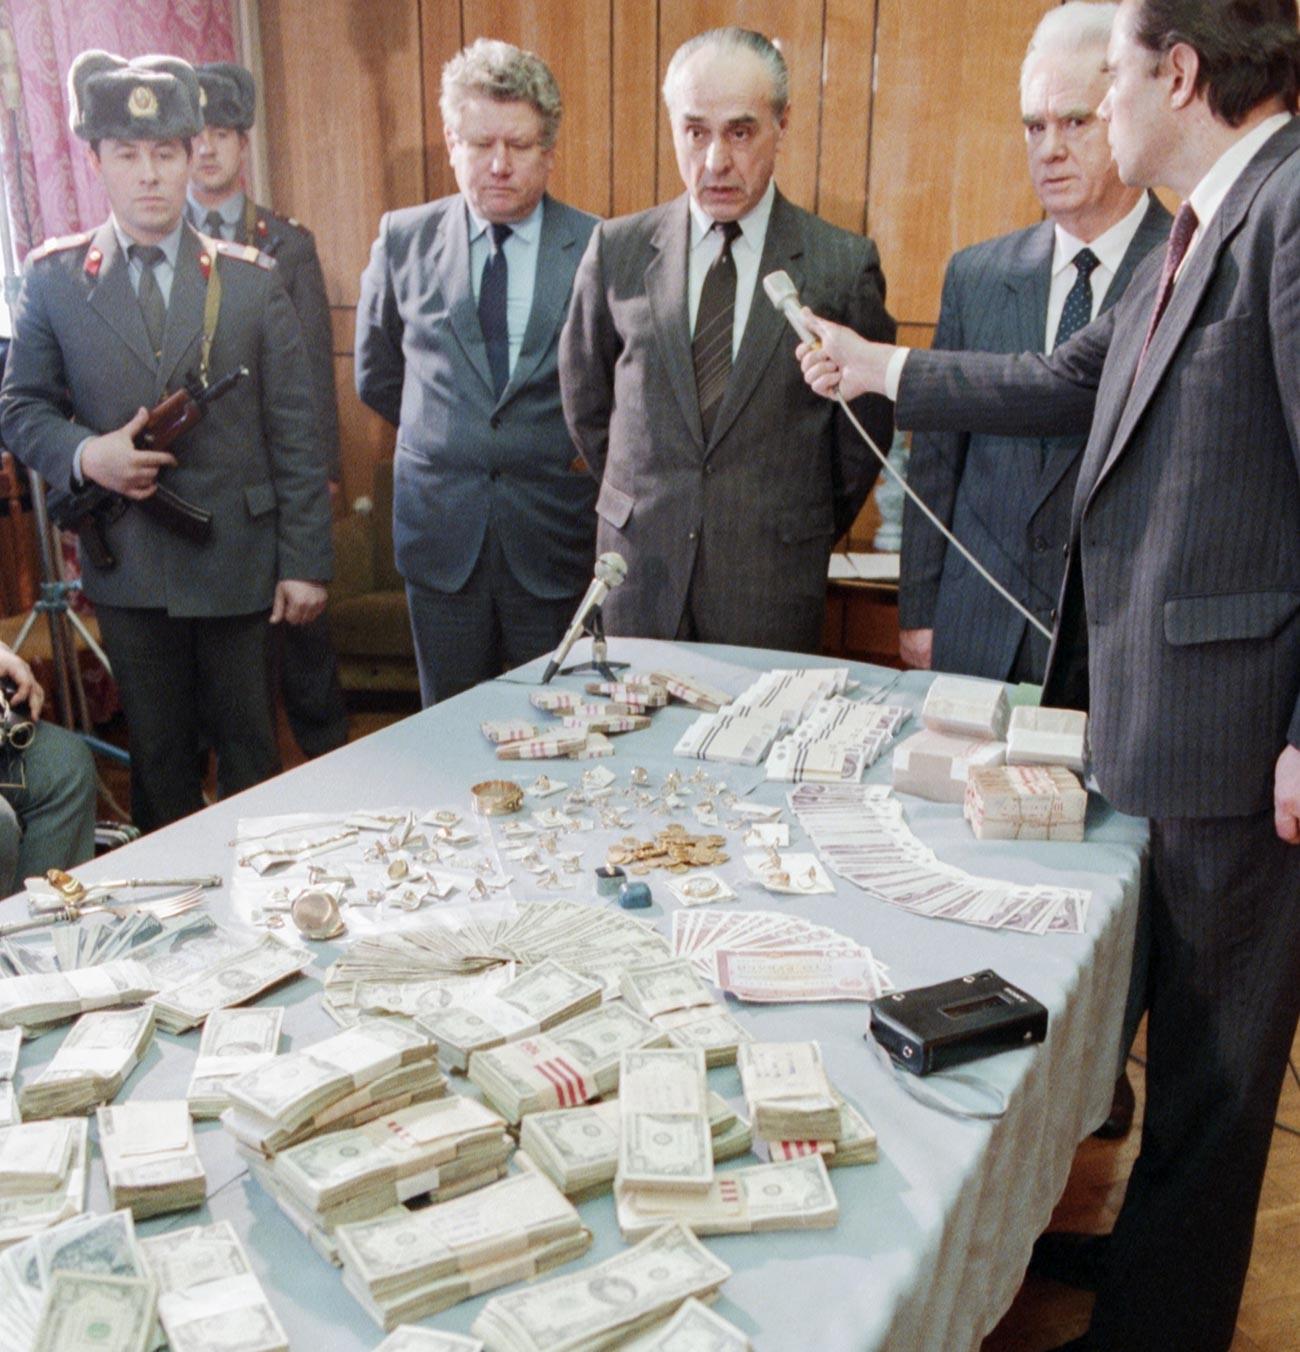 外貨の違法取引の取り締まりで没収されたドルと宝飾品